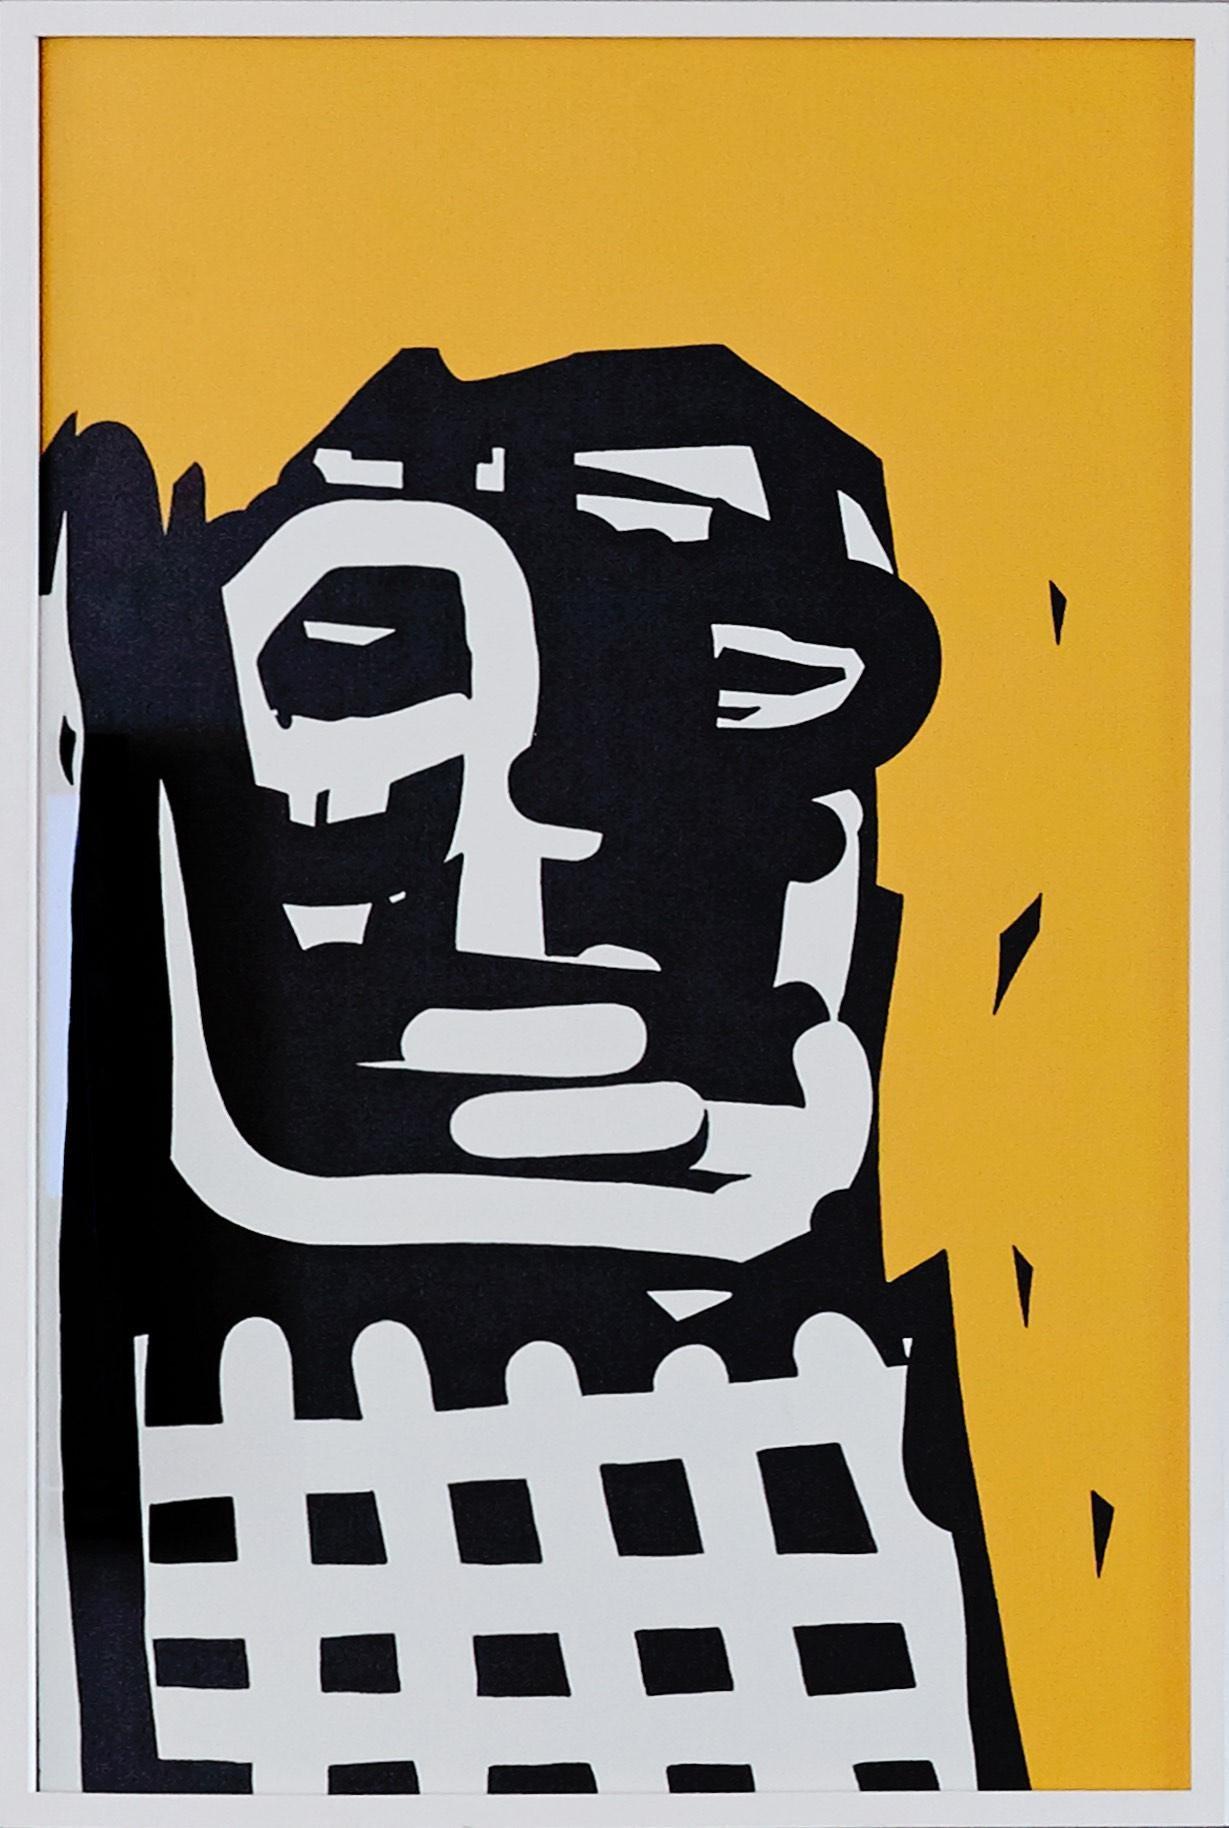 Beng - Pop Art Painting, Neo Pop, yellow, 21stC., modern art, abstract, Portrait